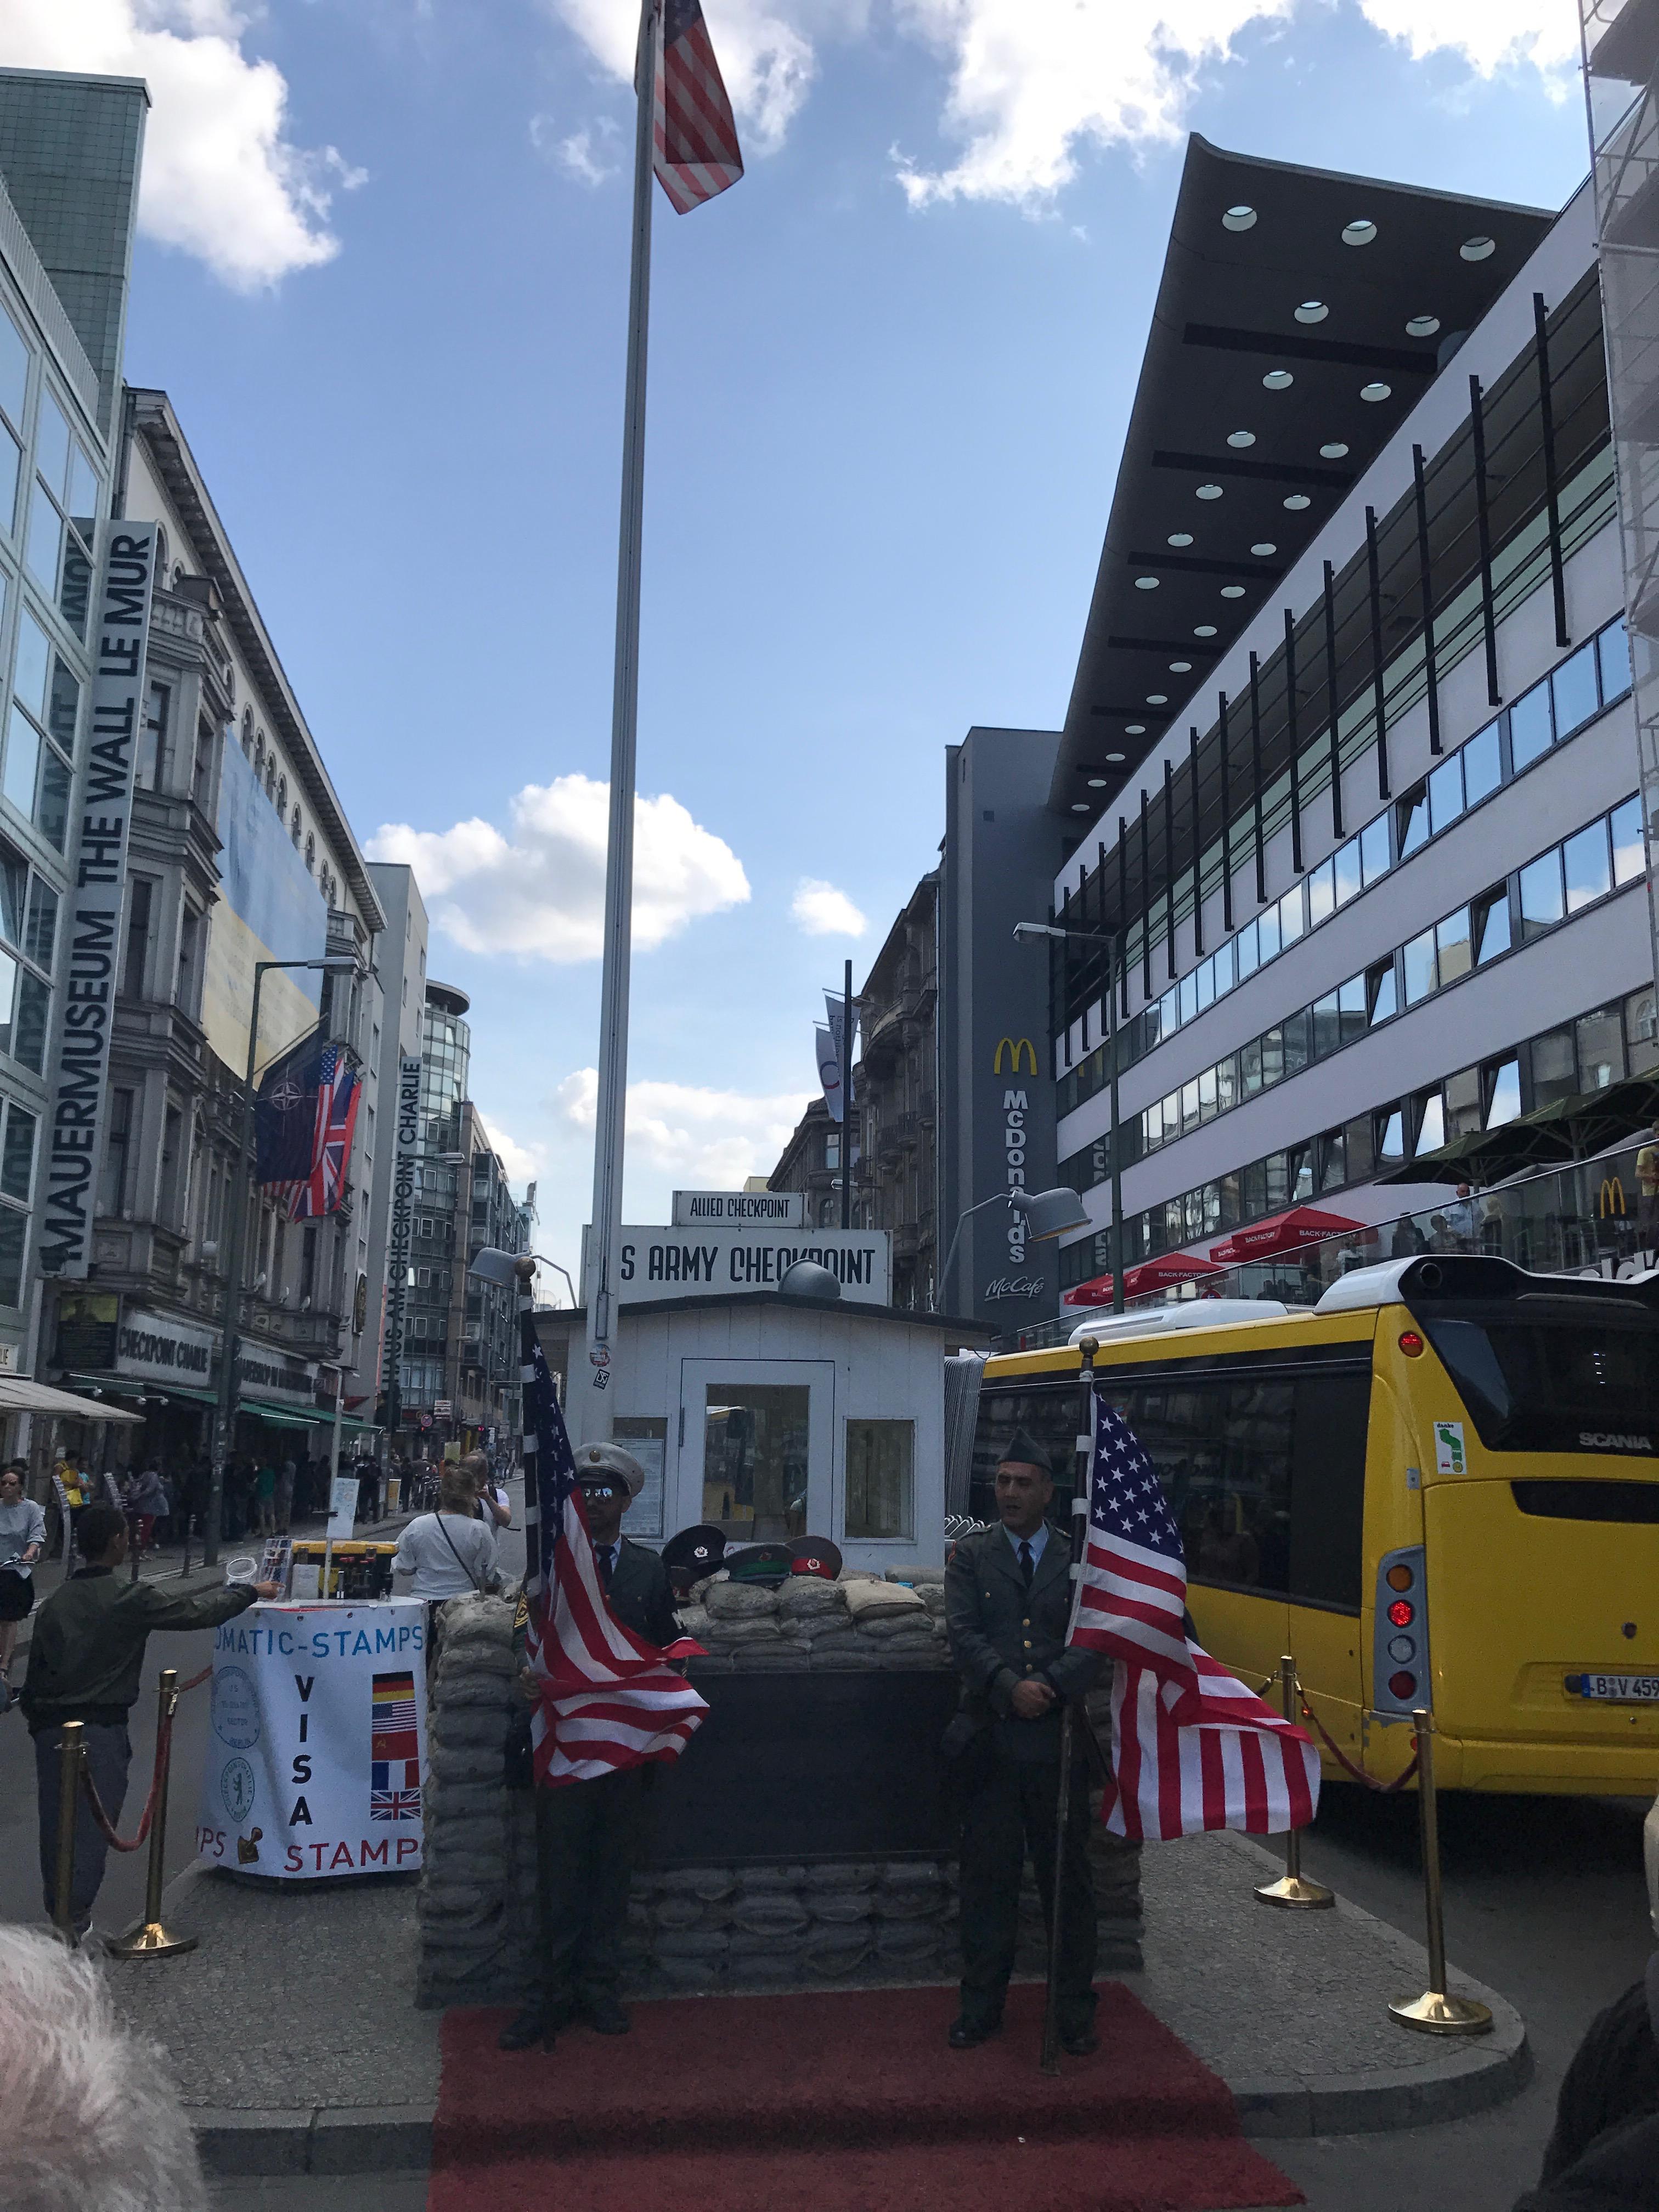 IMG_7859 برلين عاصمة الحرب و السلام , هنا تجدون رحلتي لها مع اهم الاماكن السياحية و الفنادق و الاسواق و بعض المطاعم .